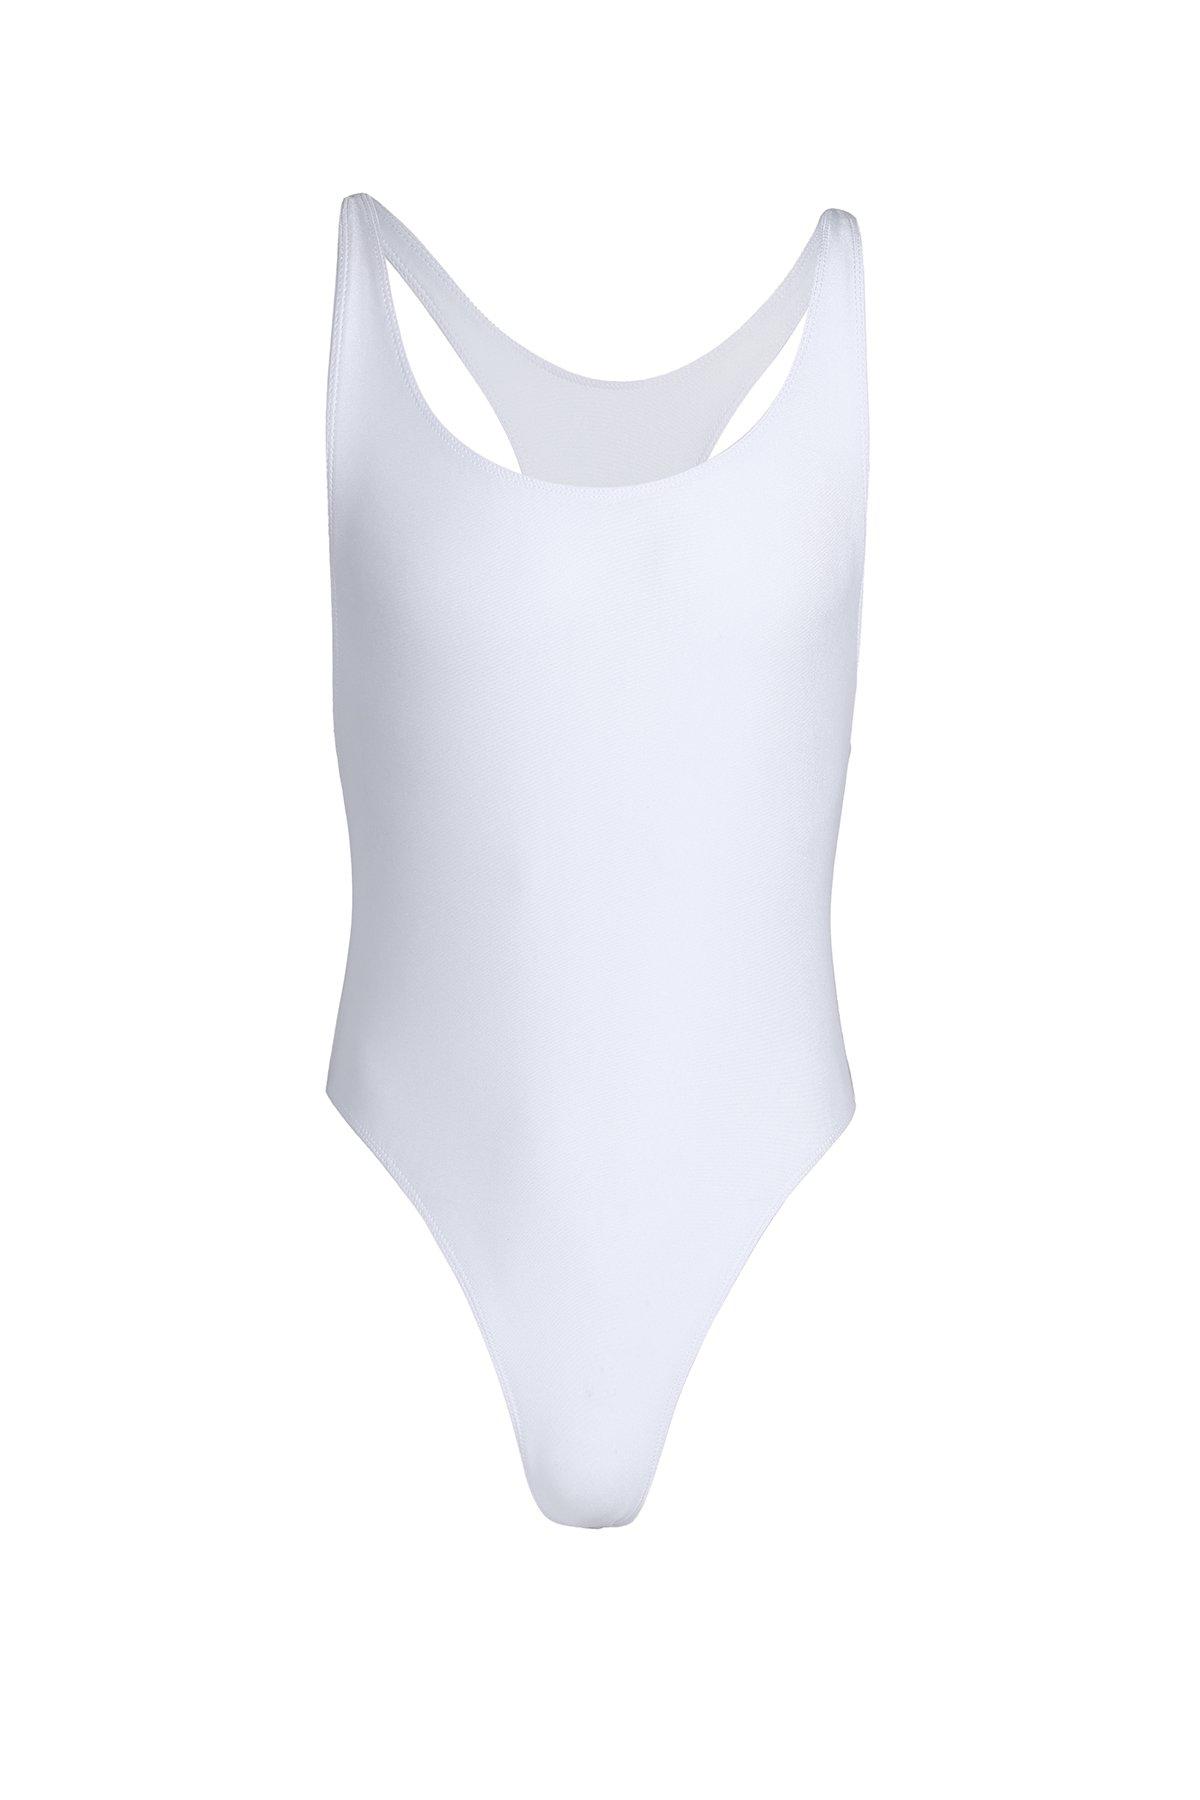 ranrann Men's One-Piece Racer Back Bodysuit Wrestling Singlet Leotard Bodysuit Thongs White Medium by ranrann